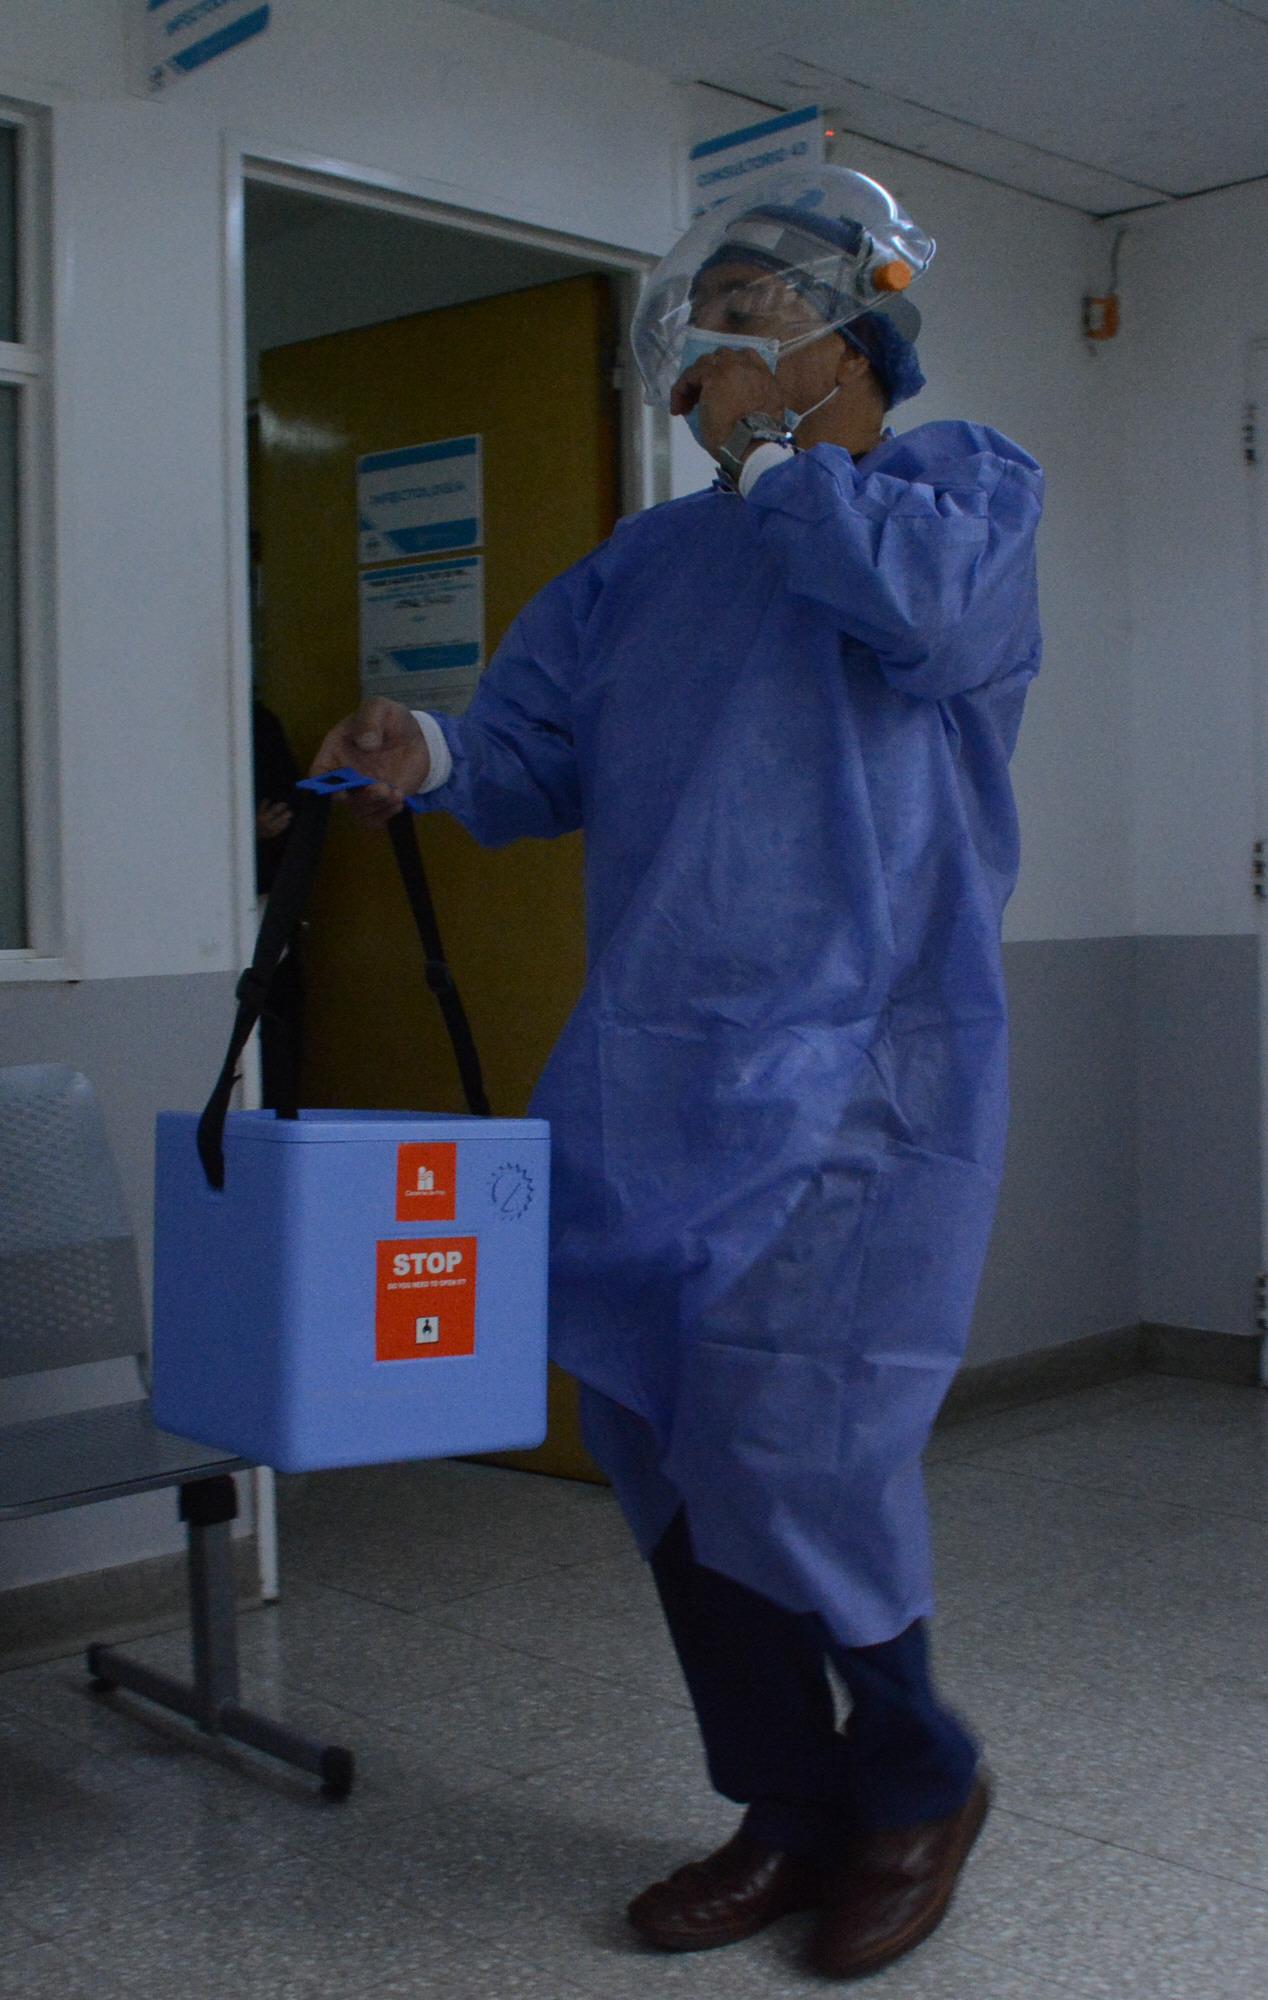 El arribo de las dosis al Hospital Regional. FOTO: JOSÉ SILVA/LA OPINIÓN AUSTRAL